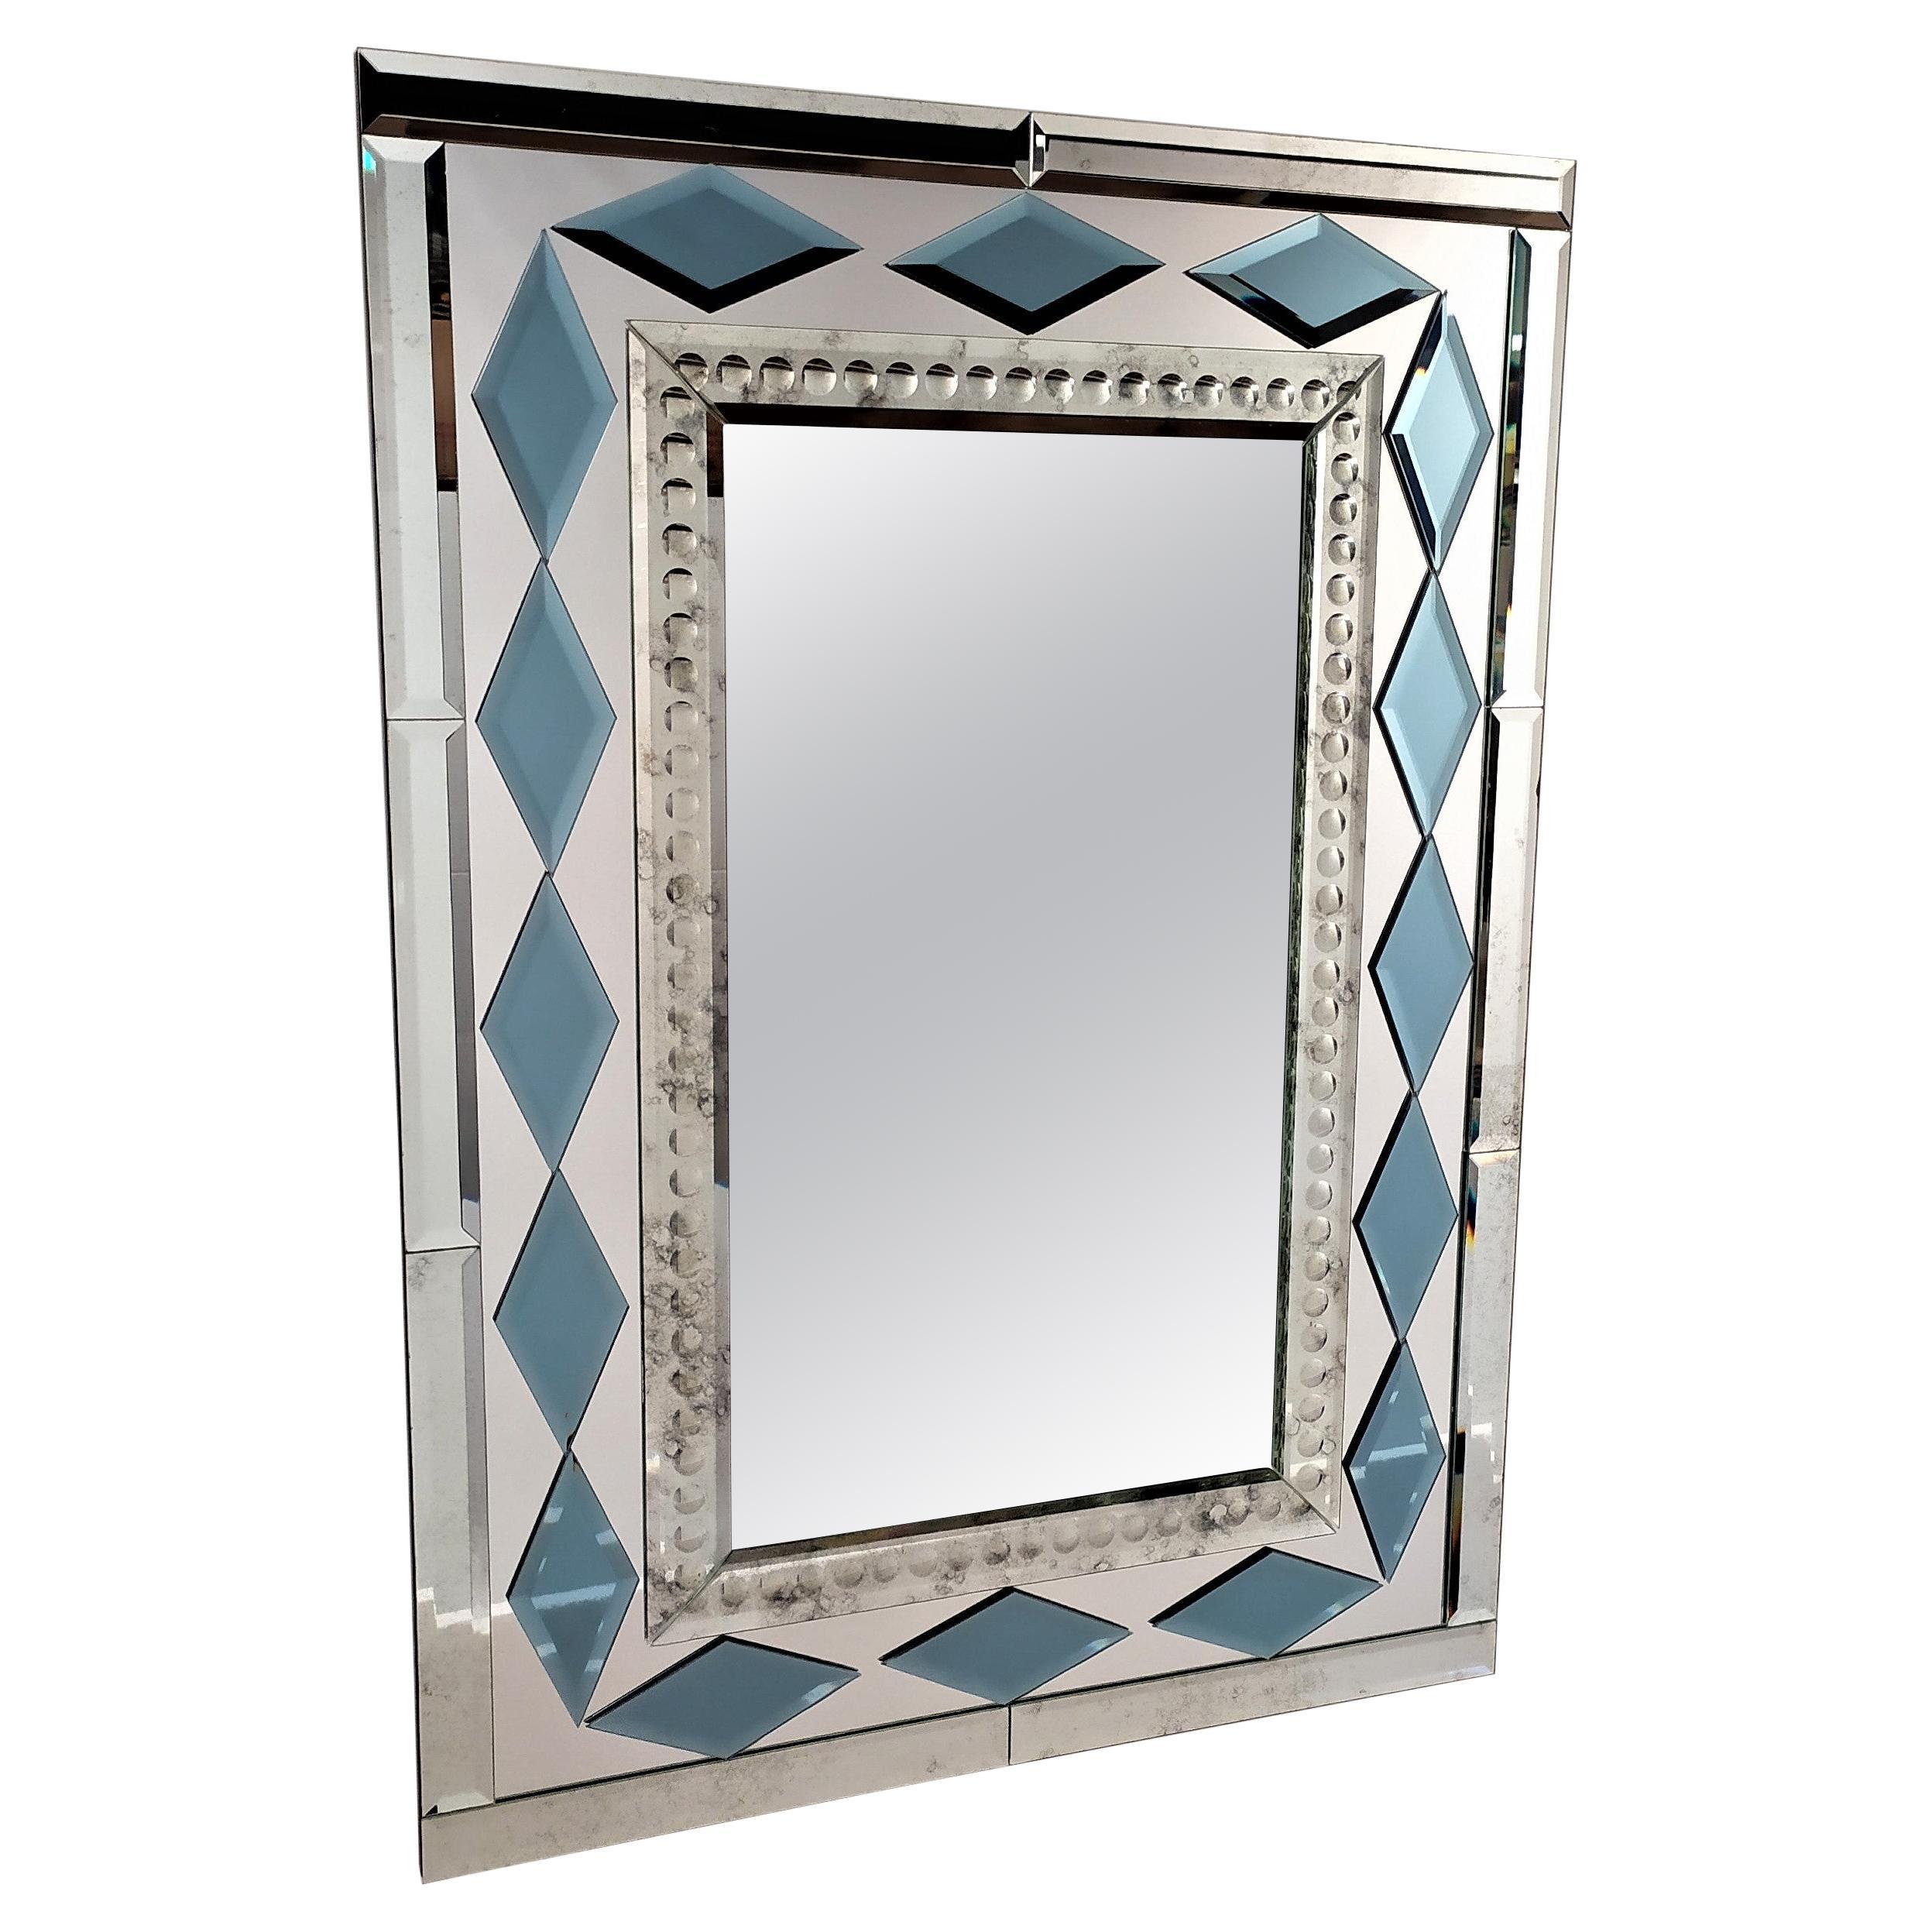 Blue Diamonds by Fratelli Tosi, Murano Glass Contemporary Mirror